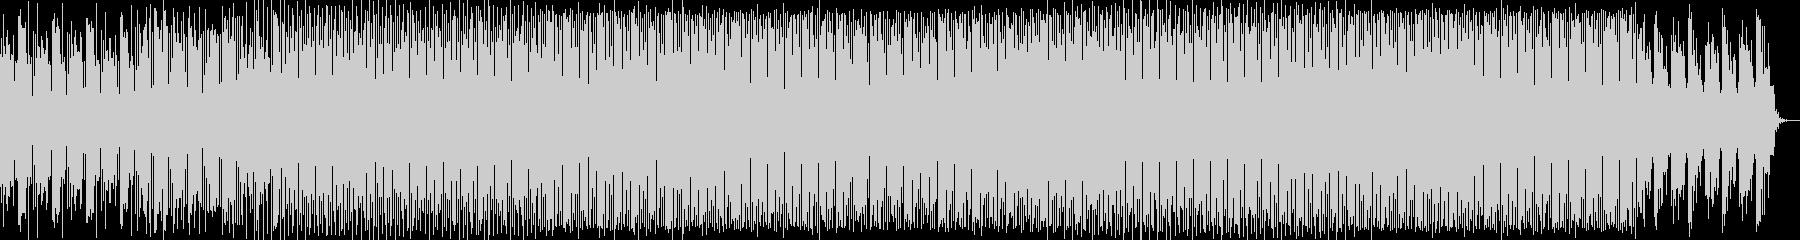 先鋭的な4つ打ちのテクノ音の未再生の波形